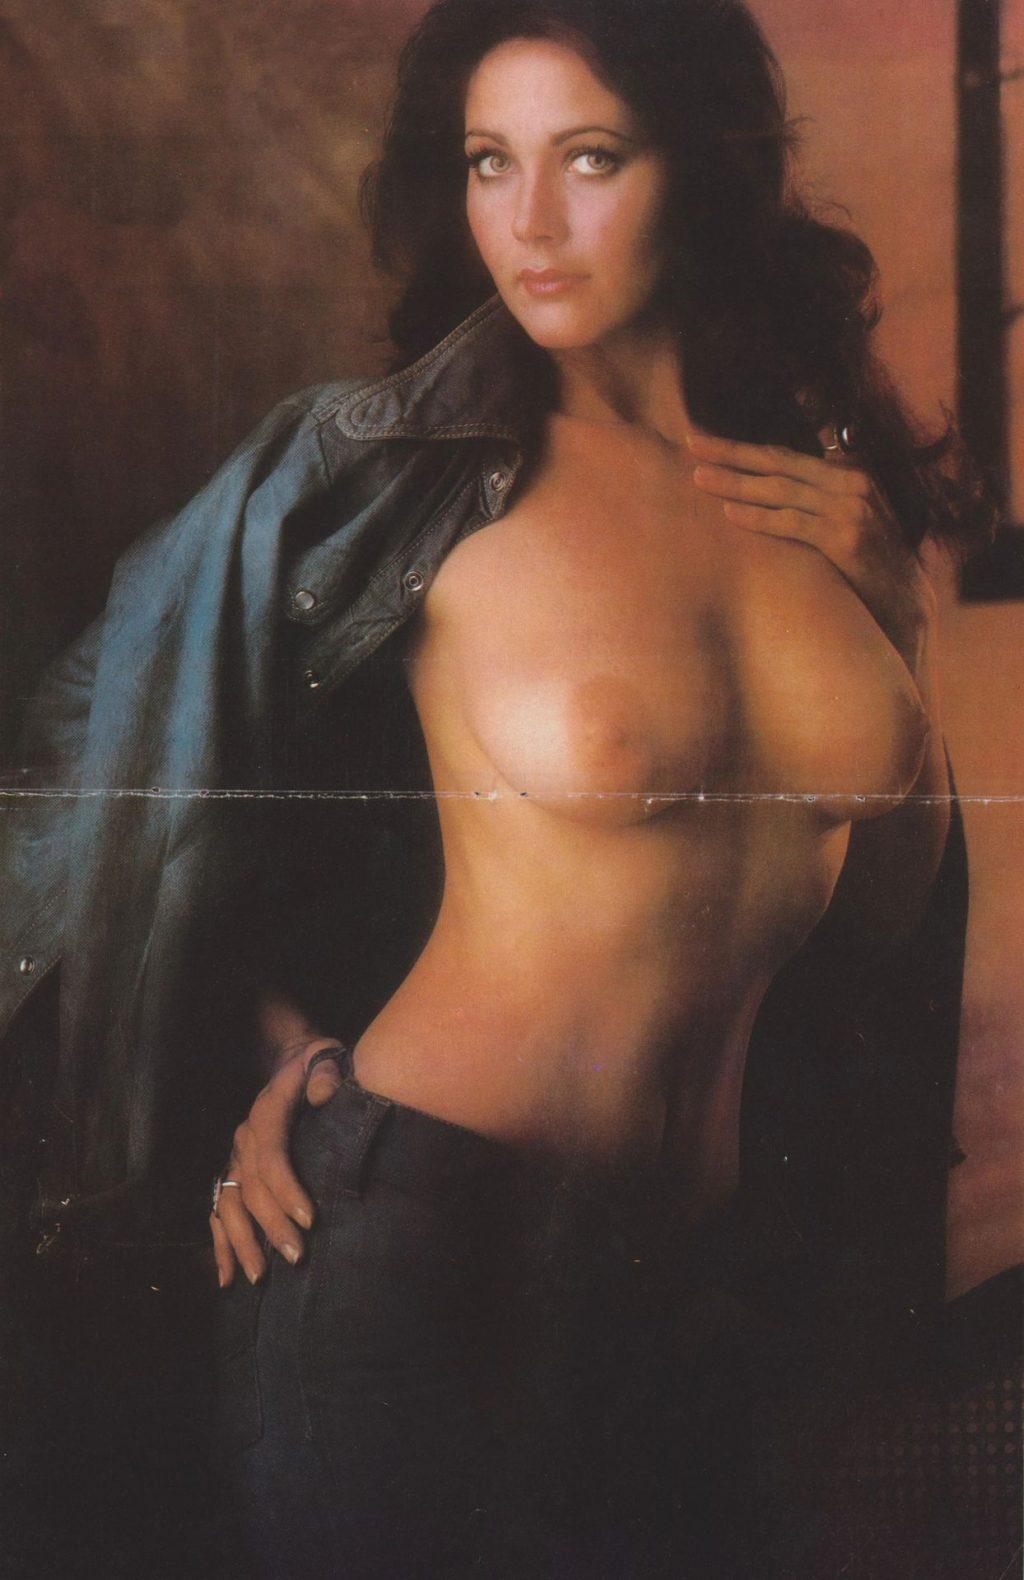 Lynda Carter Nude (3 Photos)